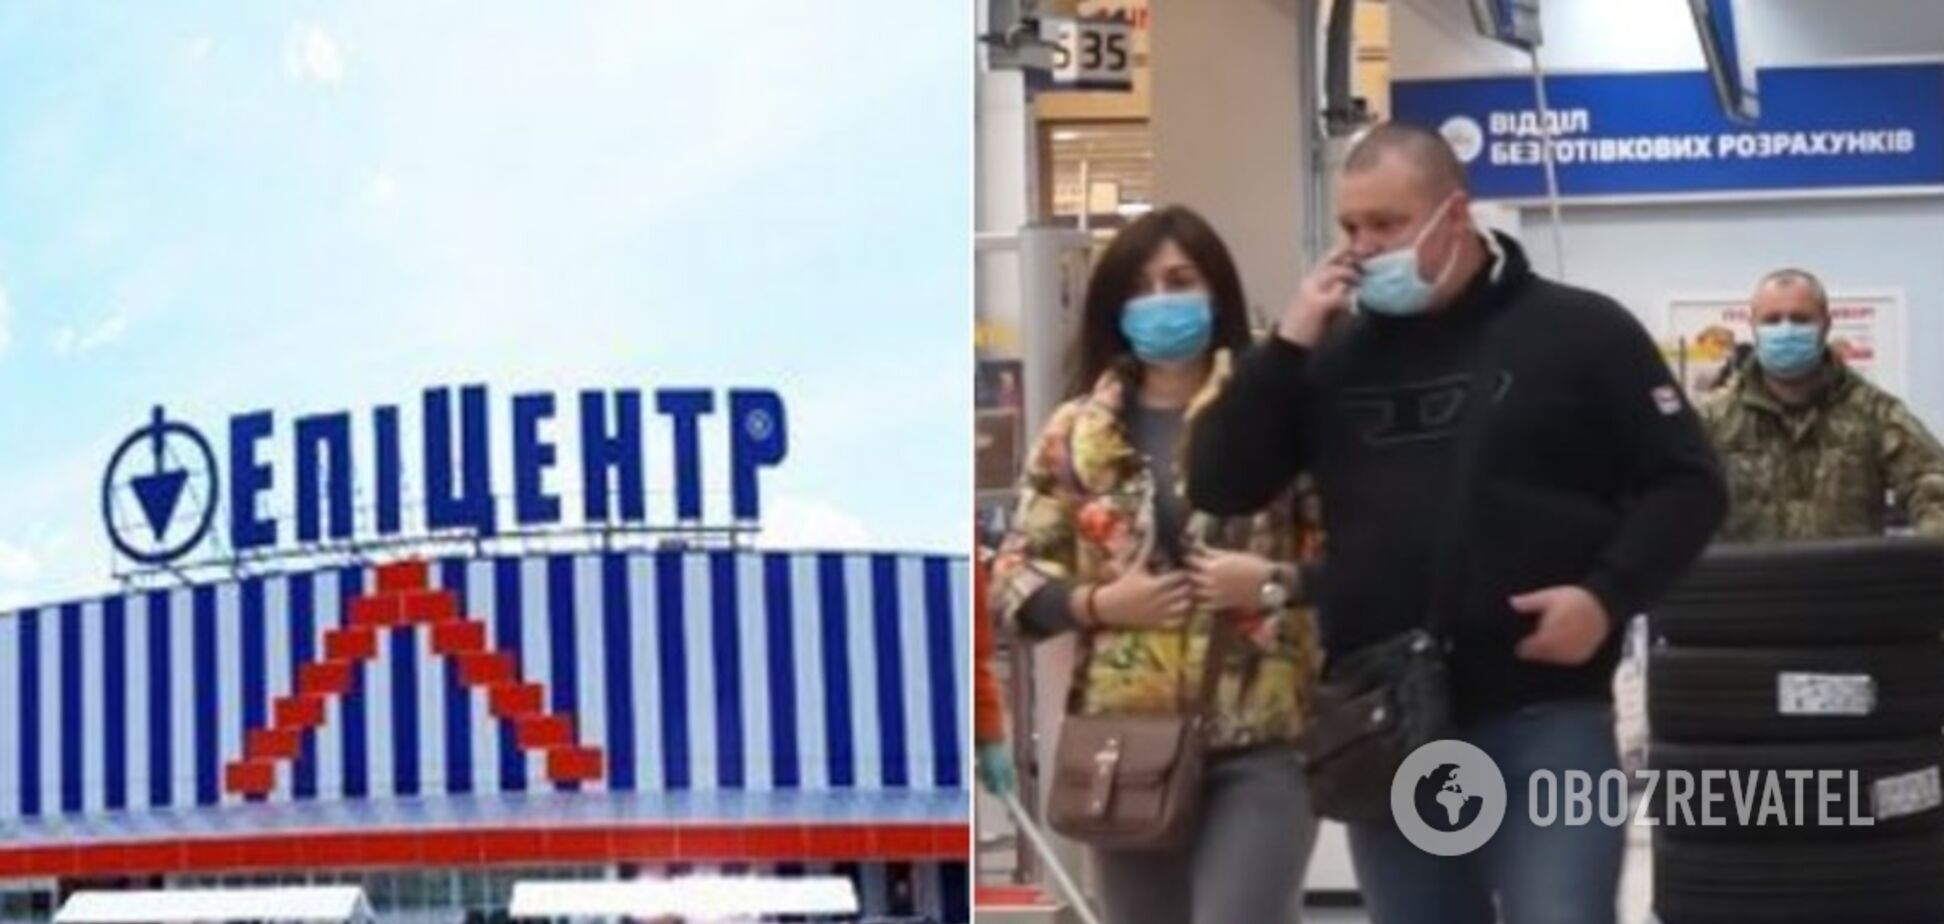 Як гіпермаркет 'Епіцентр' наживається під час епідемії – розслідування